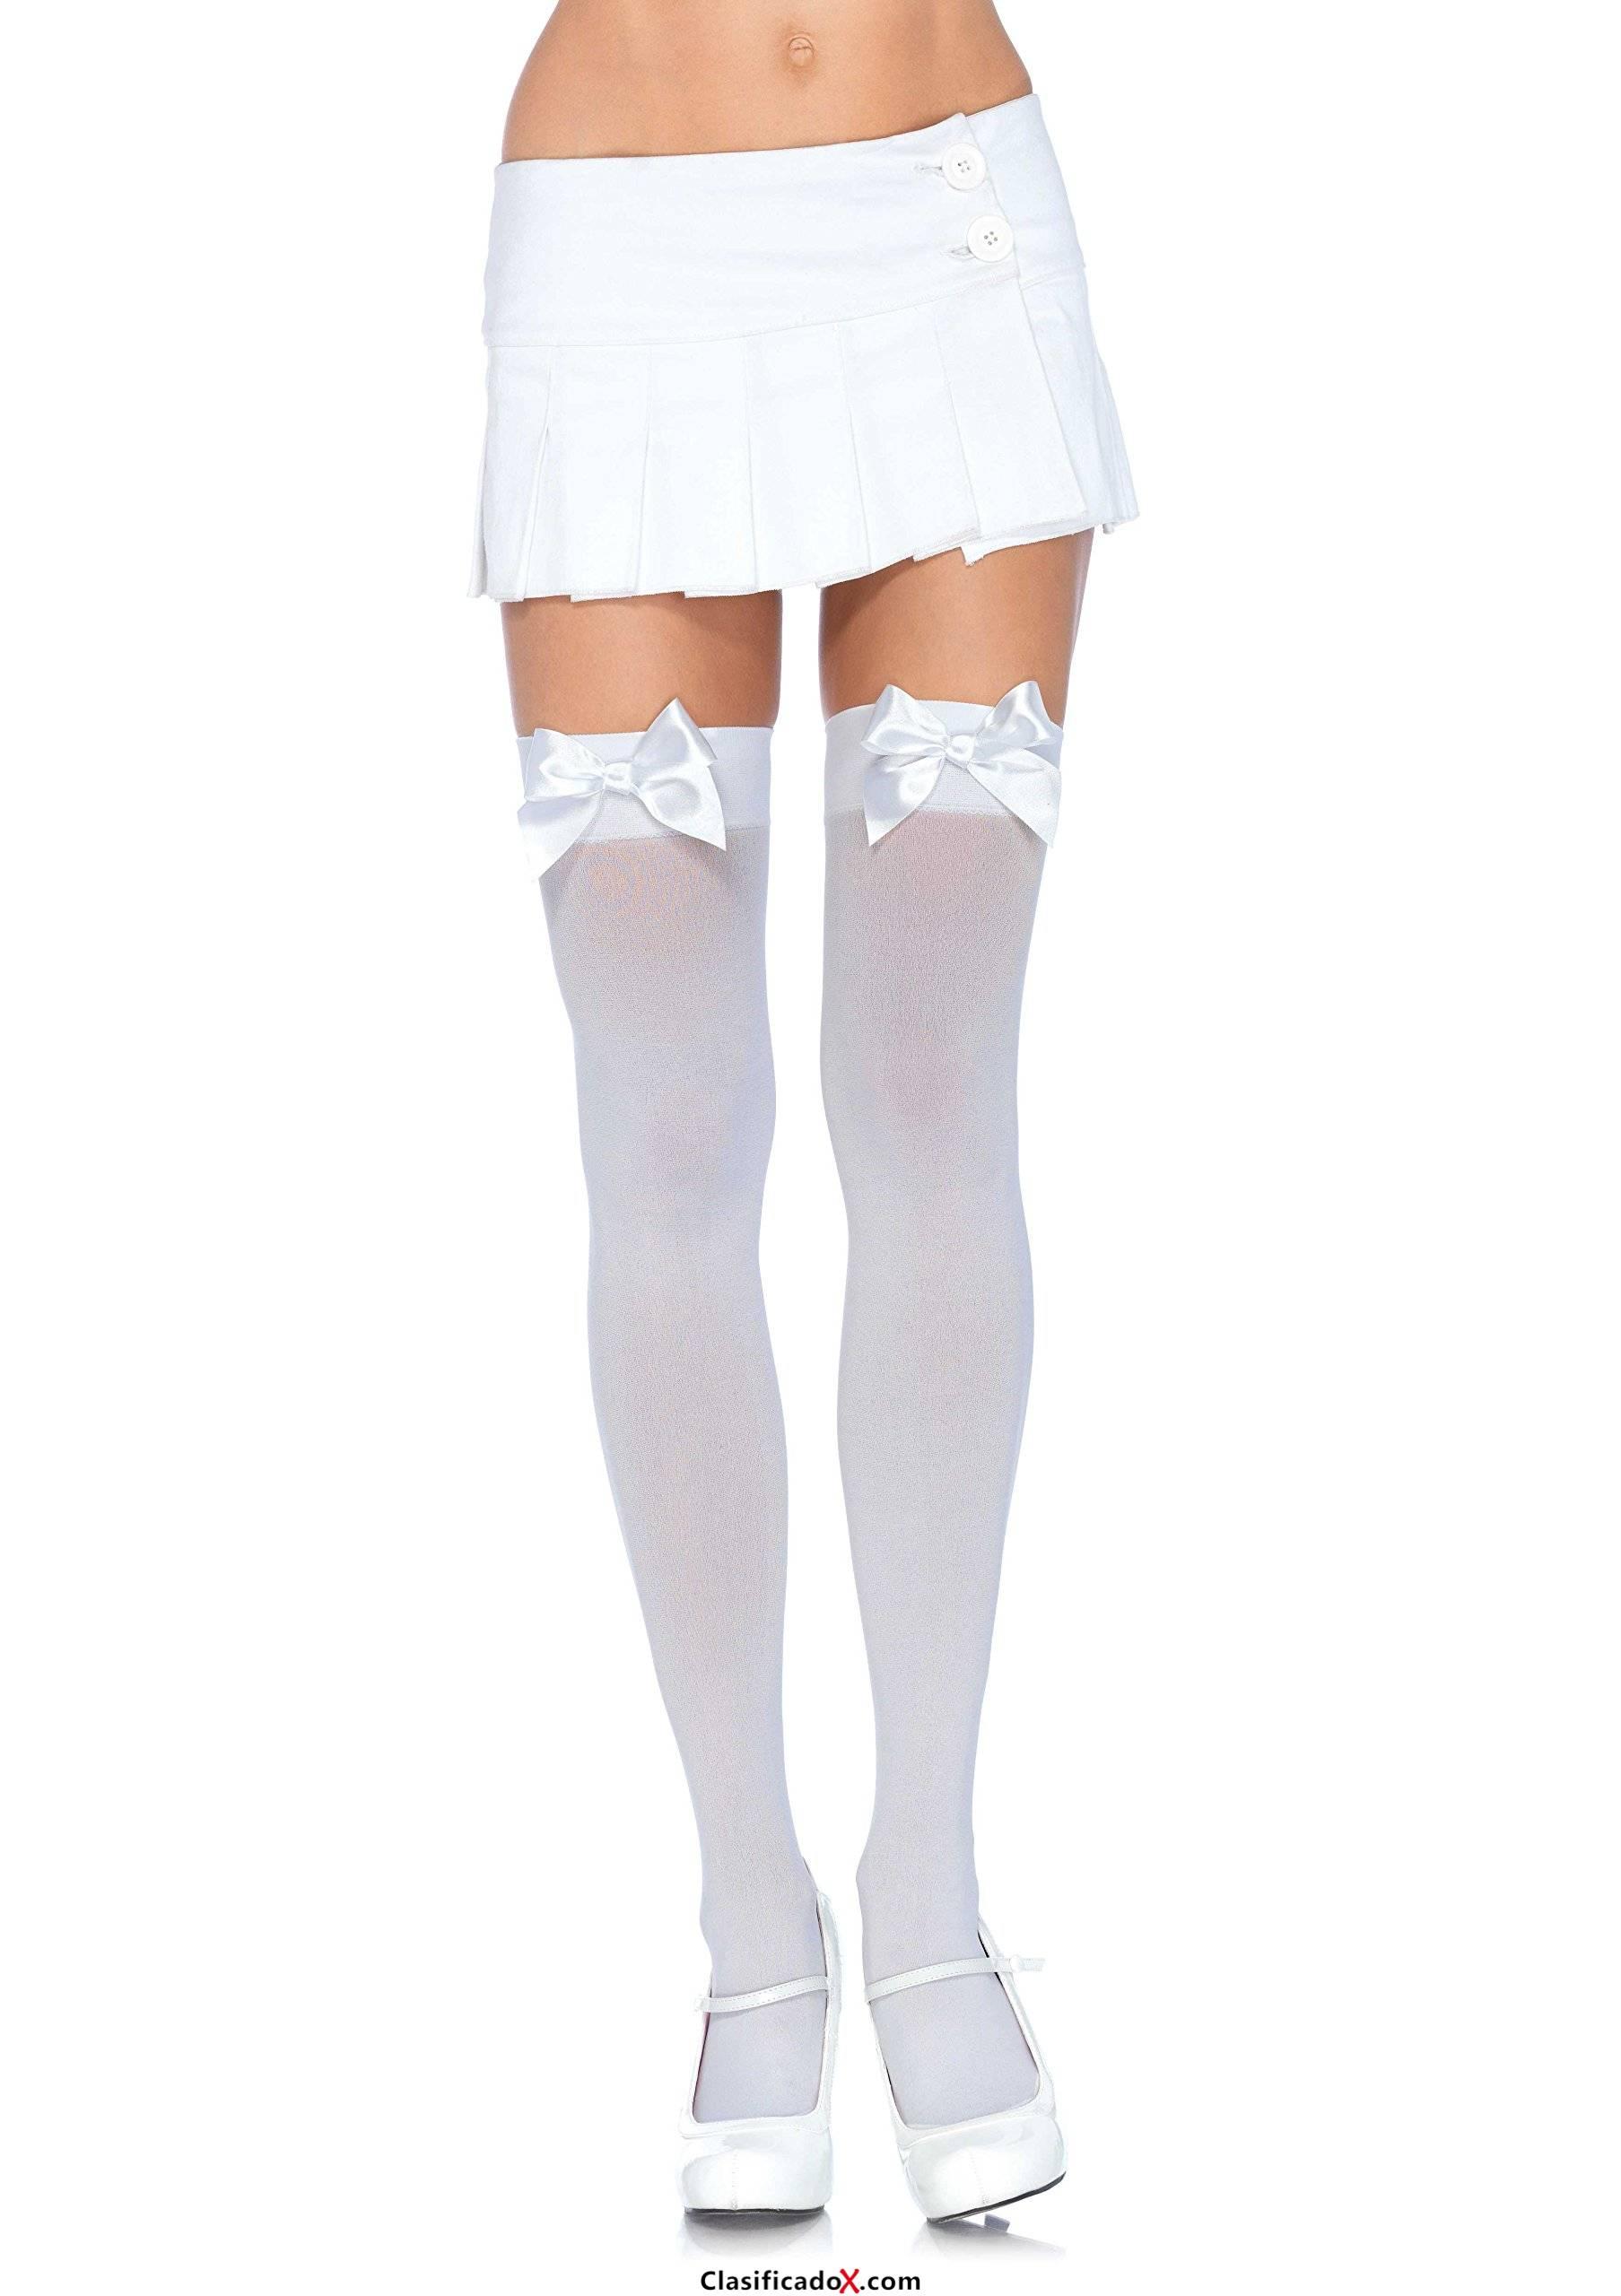 Leg Avenue - Calcetines para disfraz de mujer, Talla: Única (625522002). Envíos a Almería